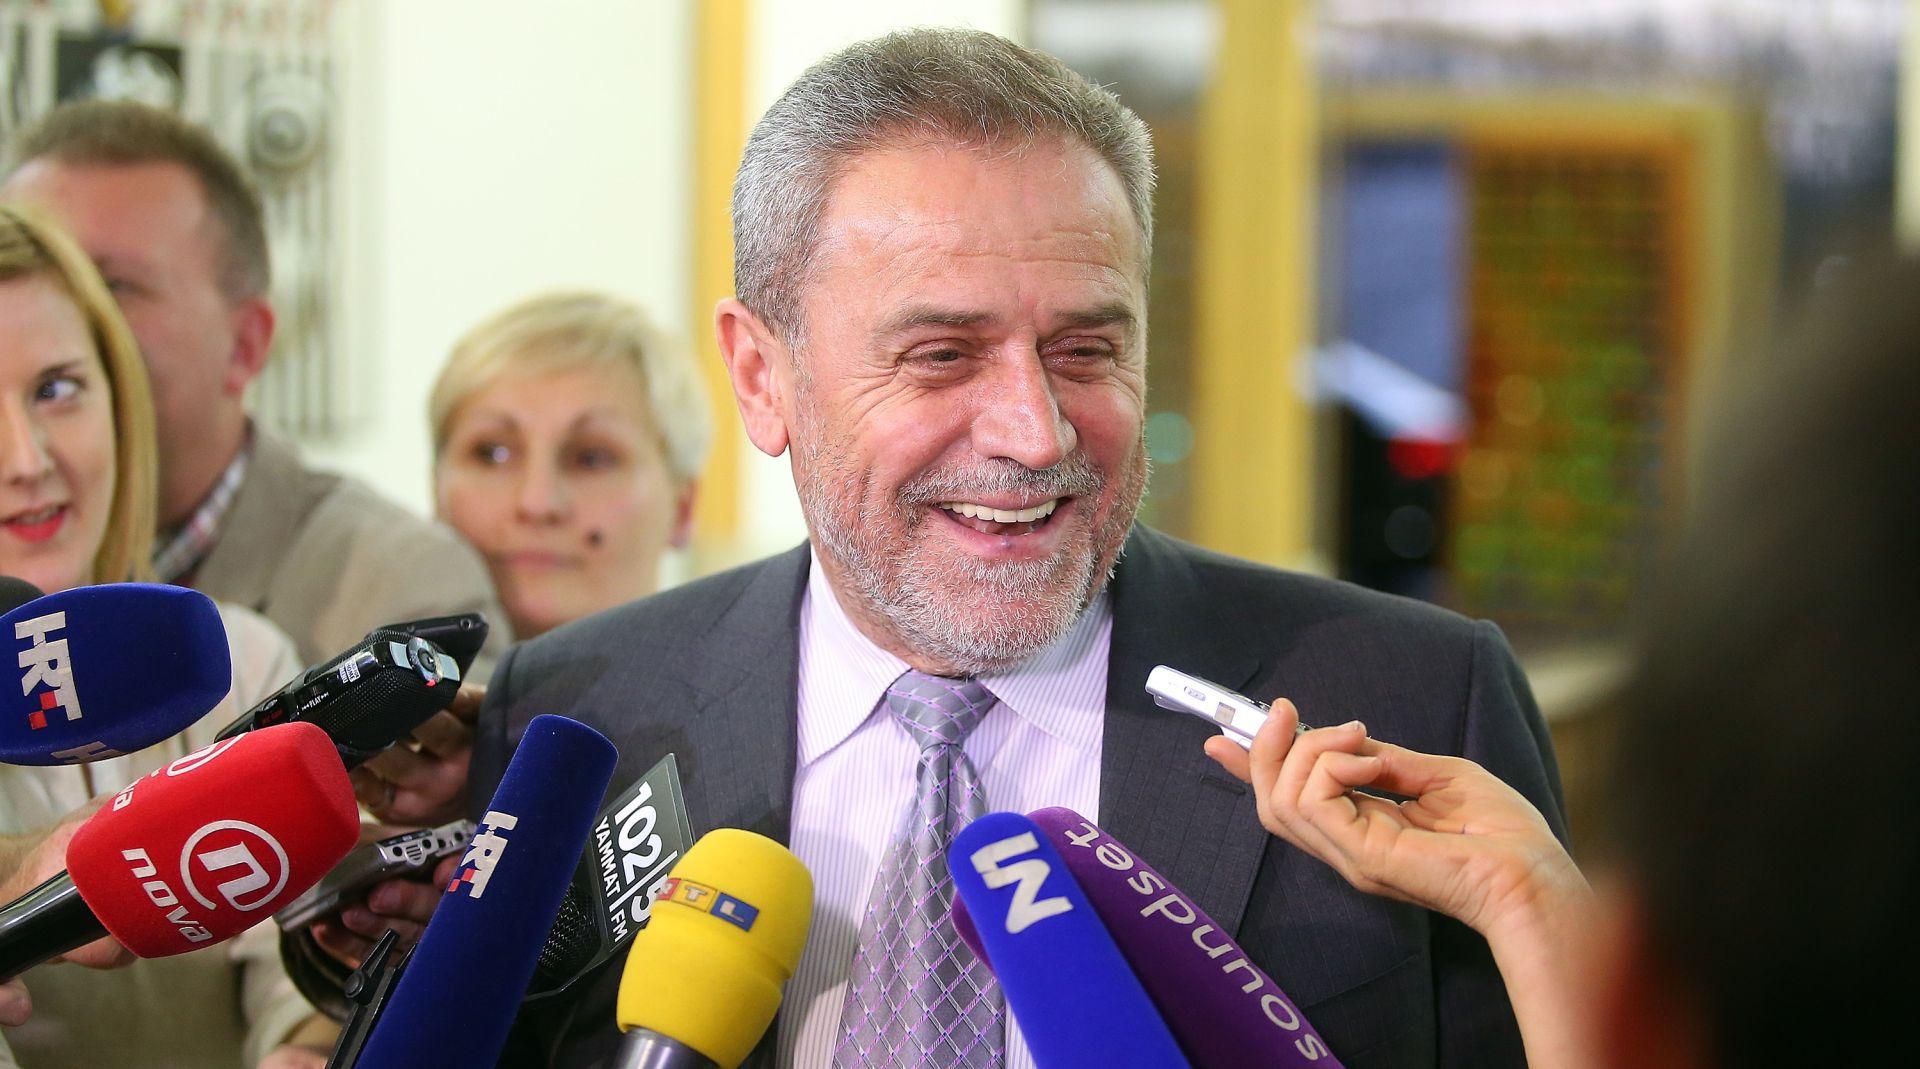 """Bandić: """"Ne pada mi na pamet komentirati detalje o aferi Agram, svoju nevinost ću dokazati na sudu"""""""